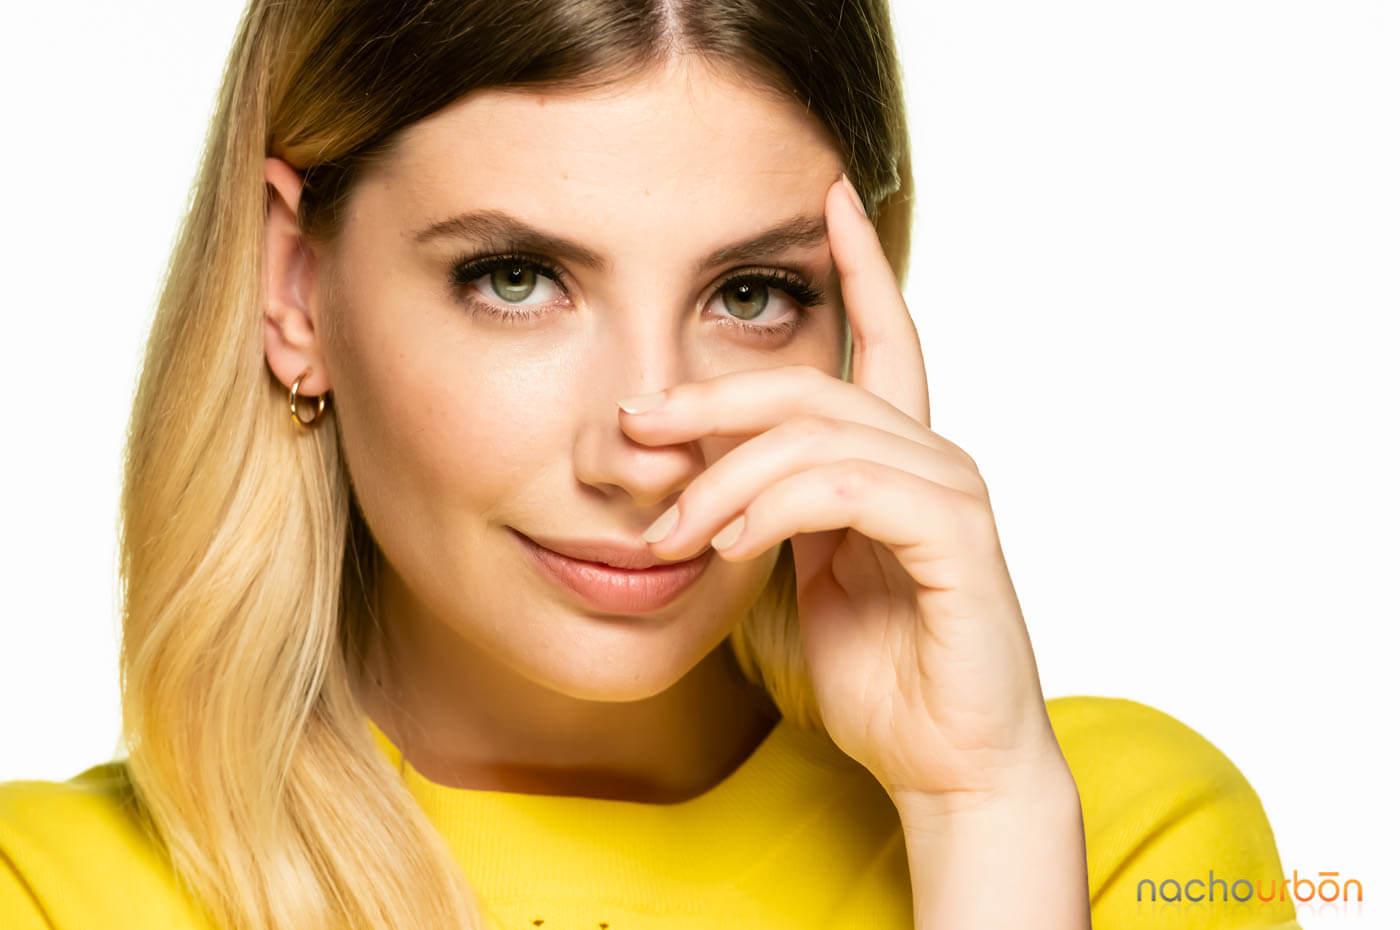 fotografo mejor belleza beauty especialista